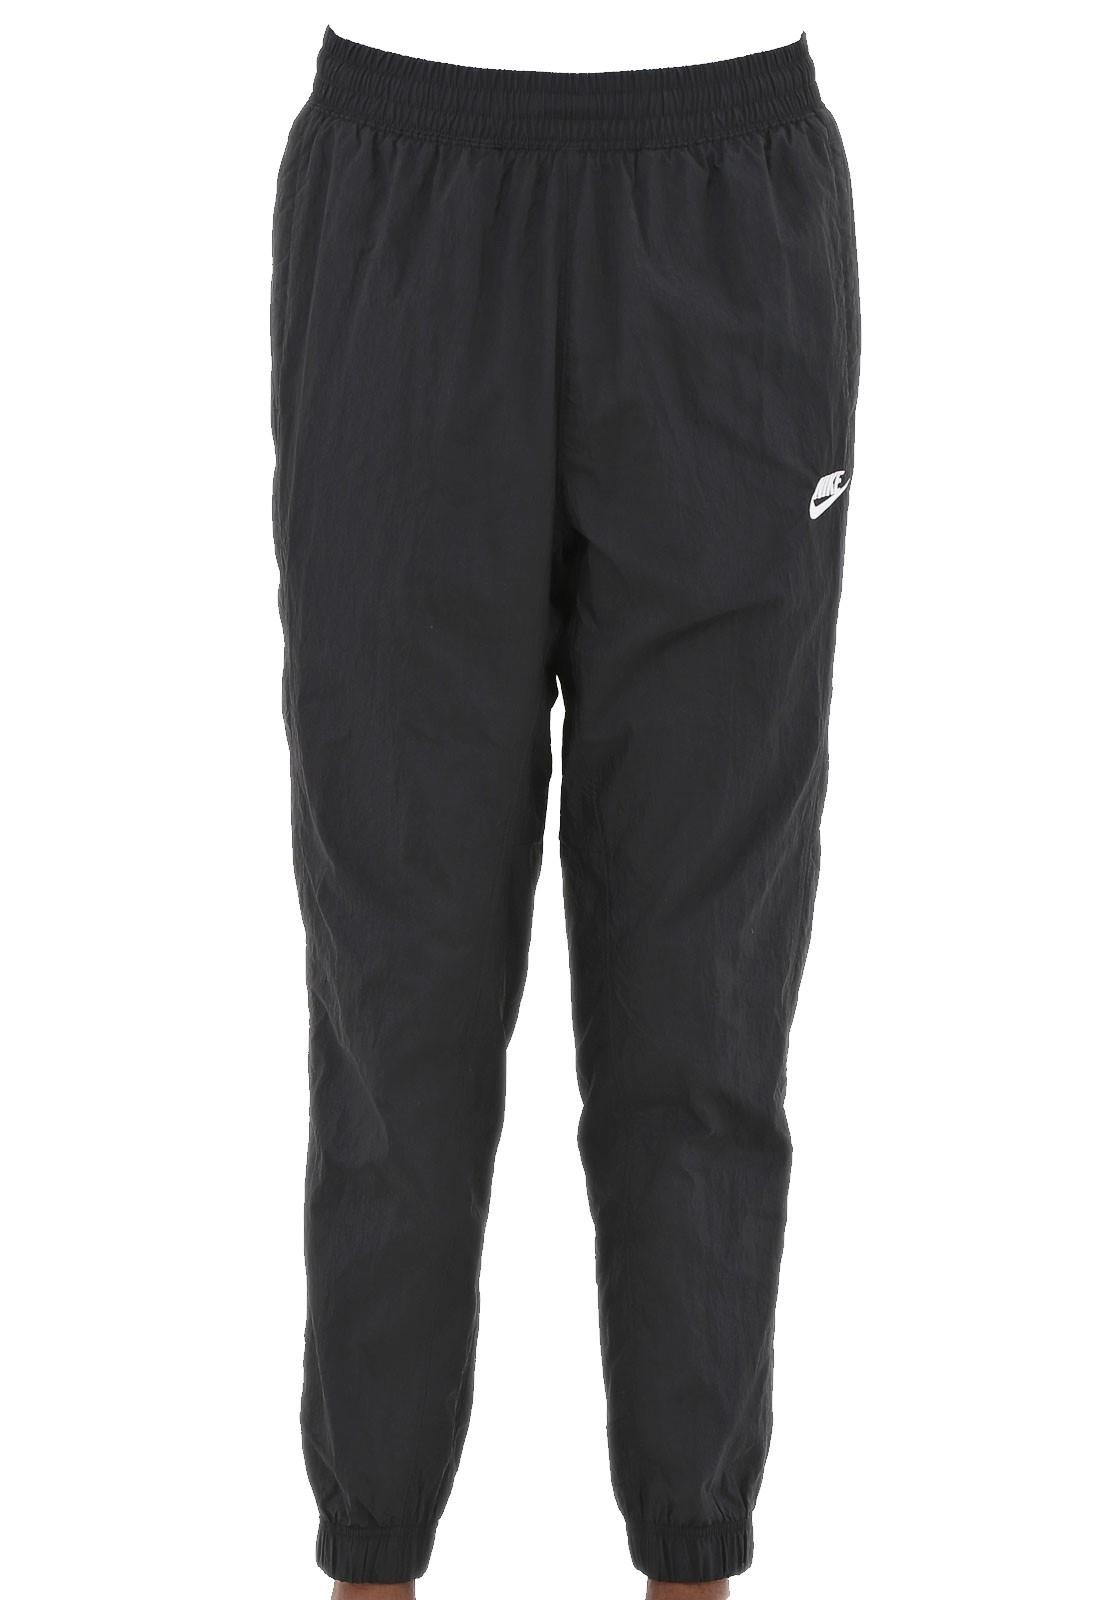 Calça Nike Sportswear Jogger Masculina - Preta